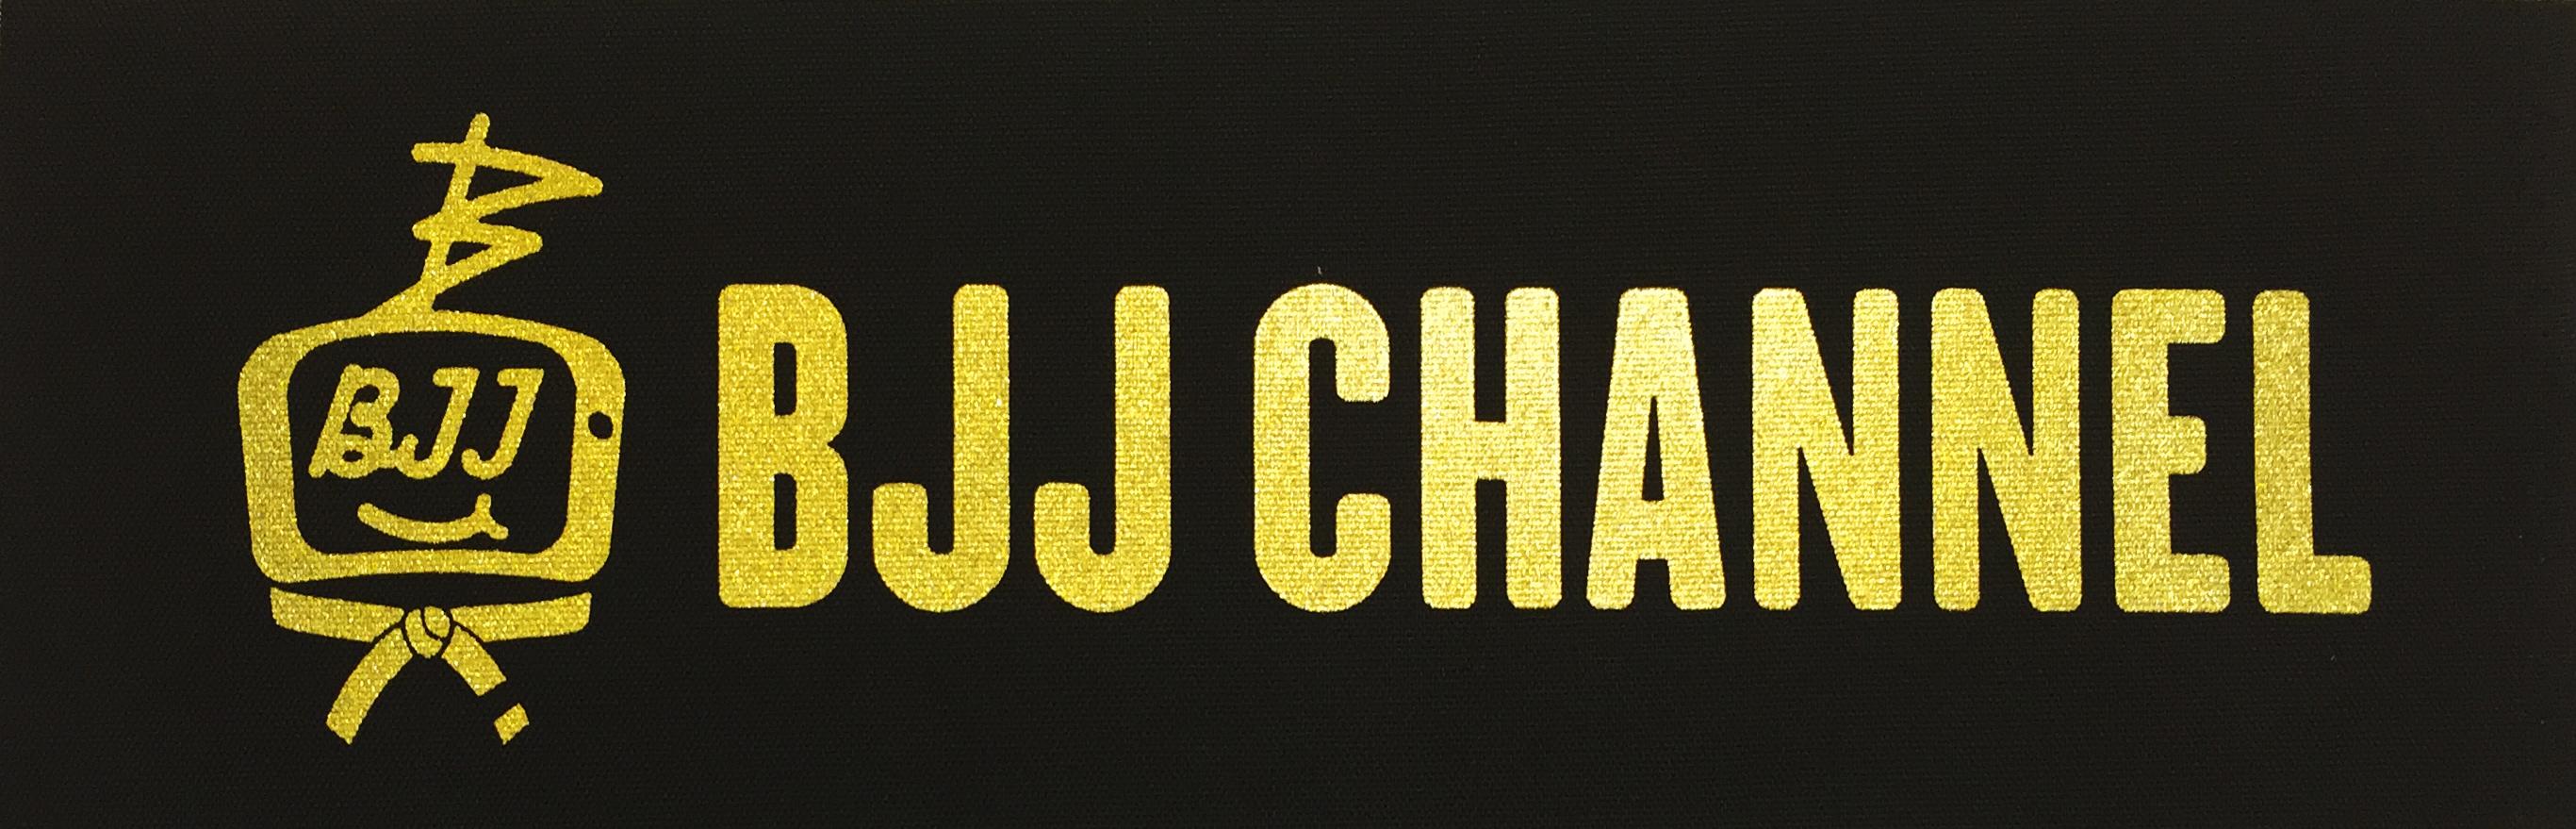 送料無料!!! BJJ チャンネルパッチ 横長 カラー黒地に金